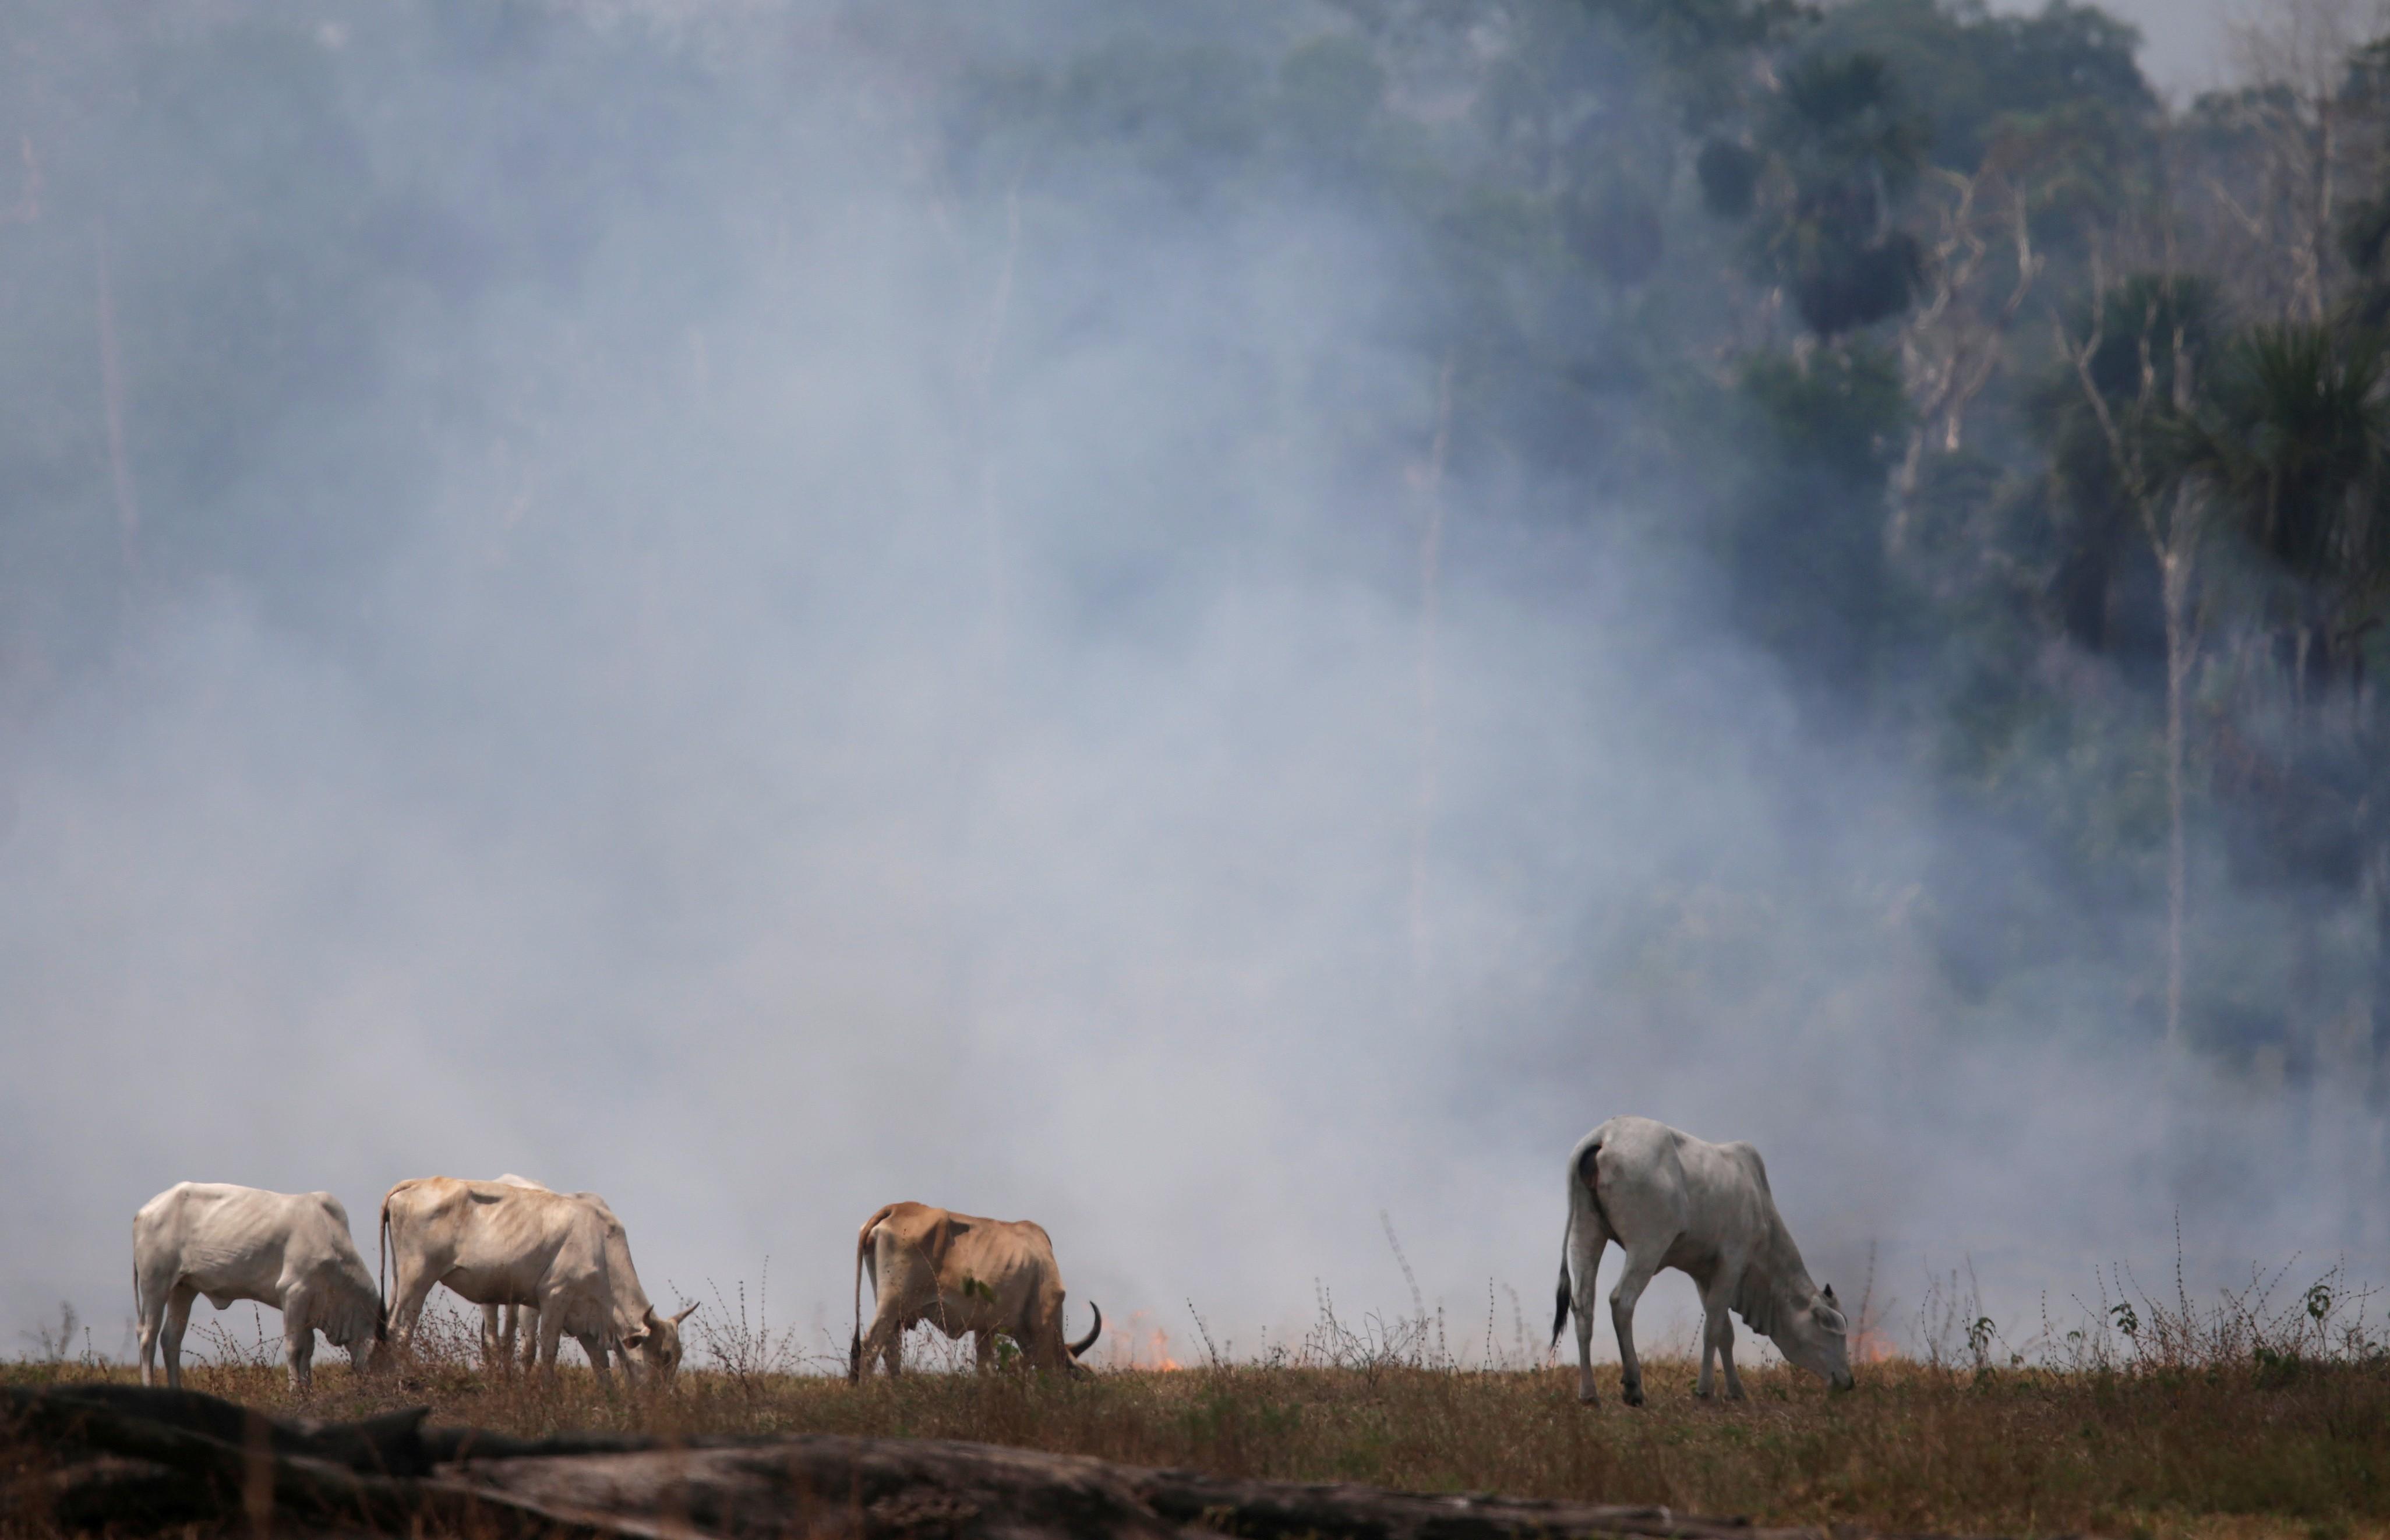 Incêndios na Amazônia aumentaram 28% em julho em comparação ao ano passado, mostram dados do Inpe thumbnail